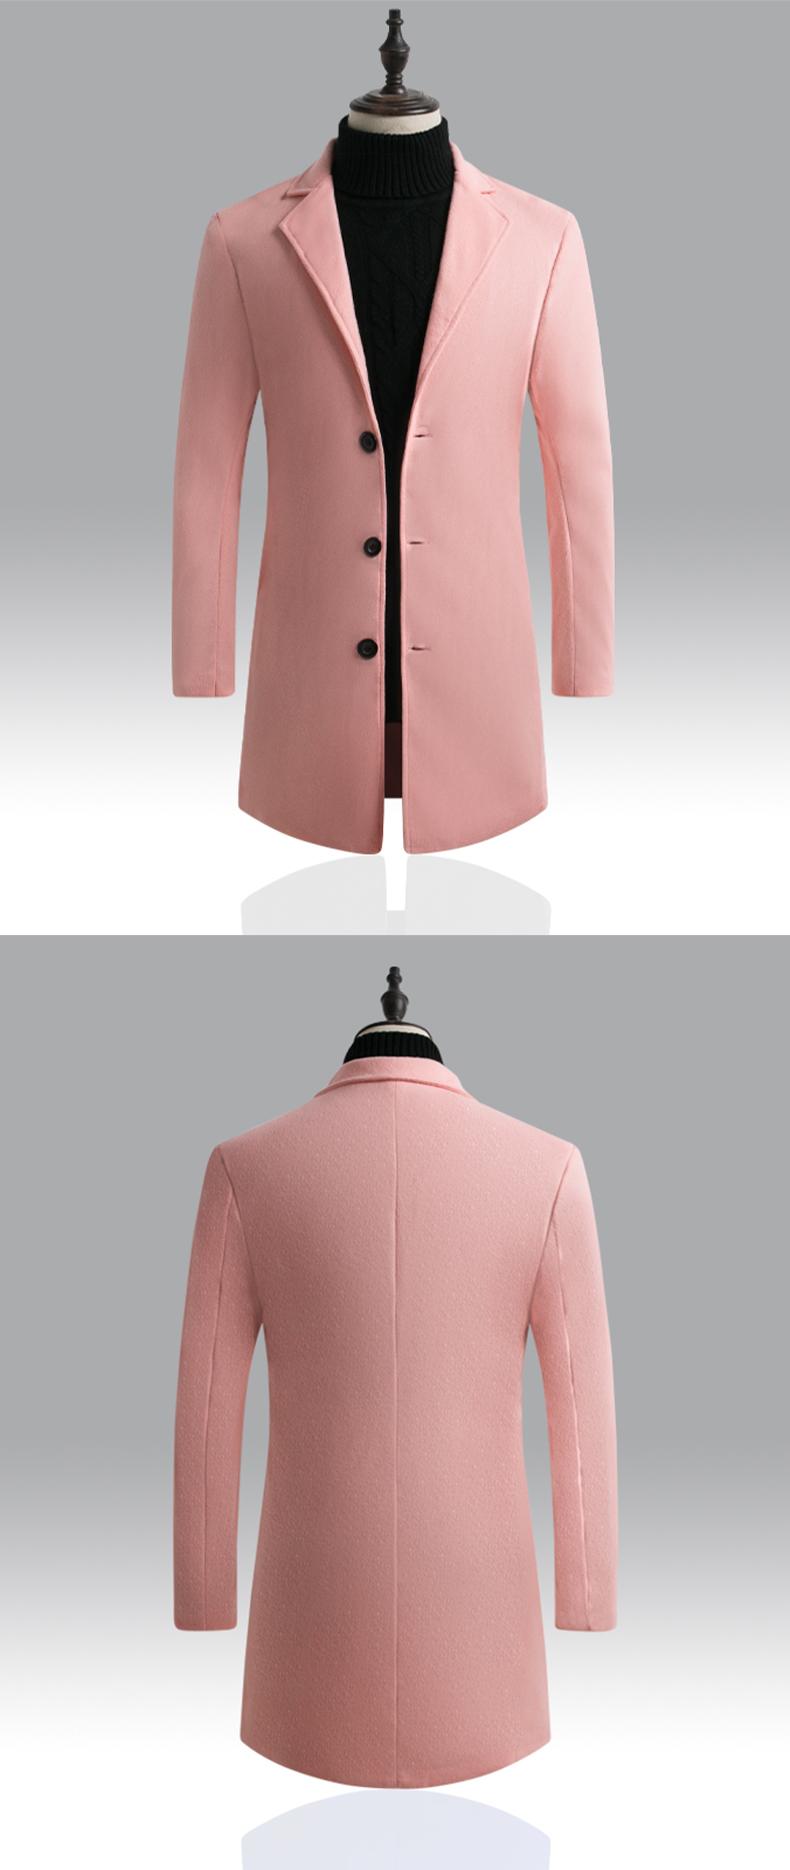 2019秋冬男士毛呢大衣韩版修身中长款风衣外套大量备货 D67 P40